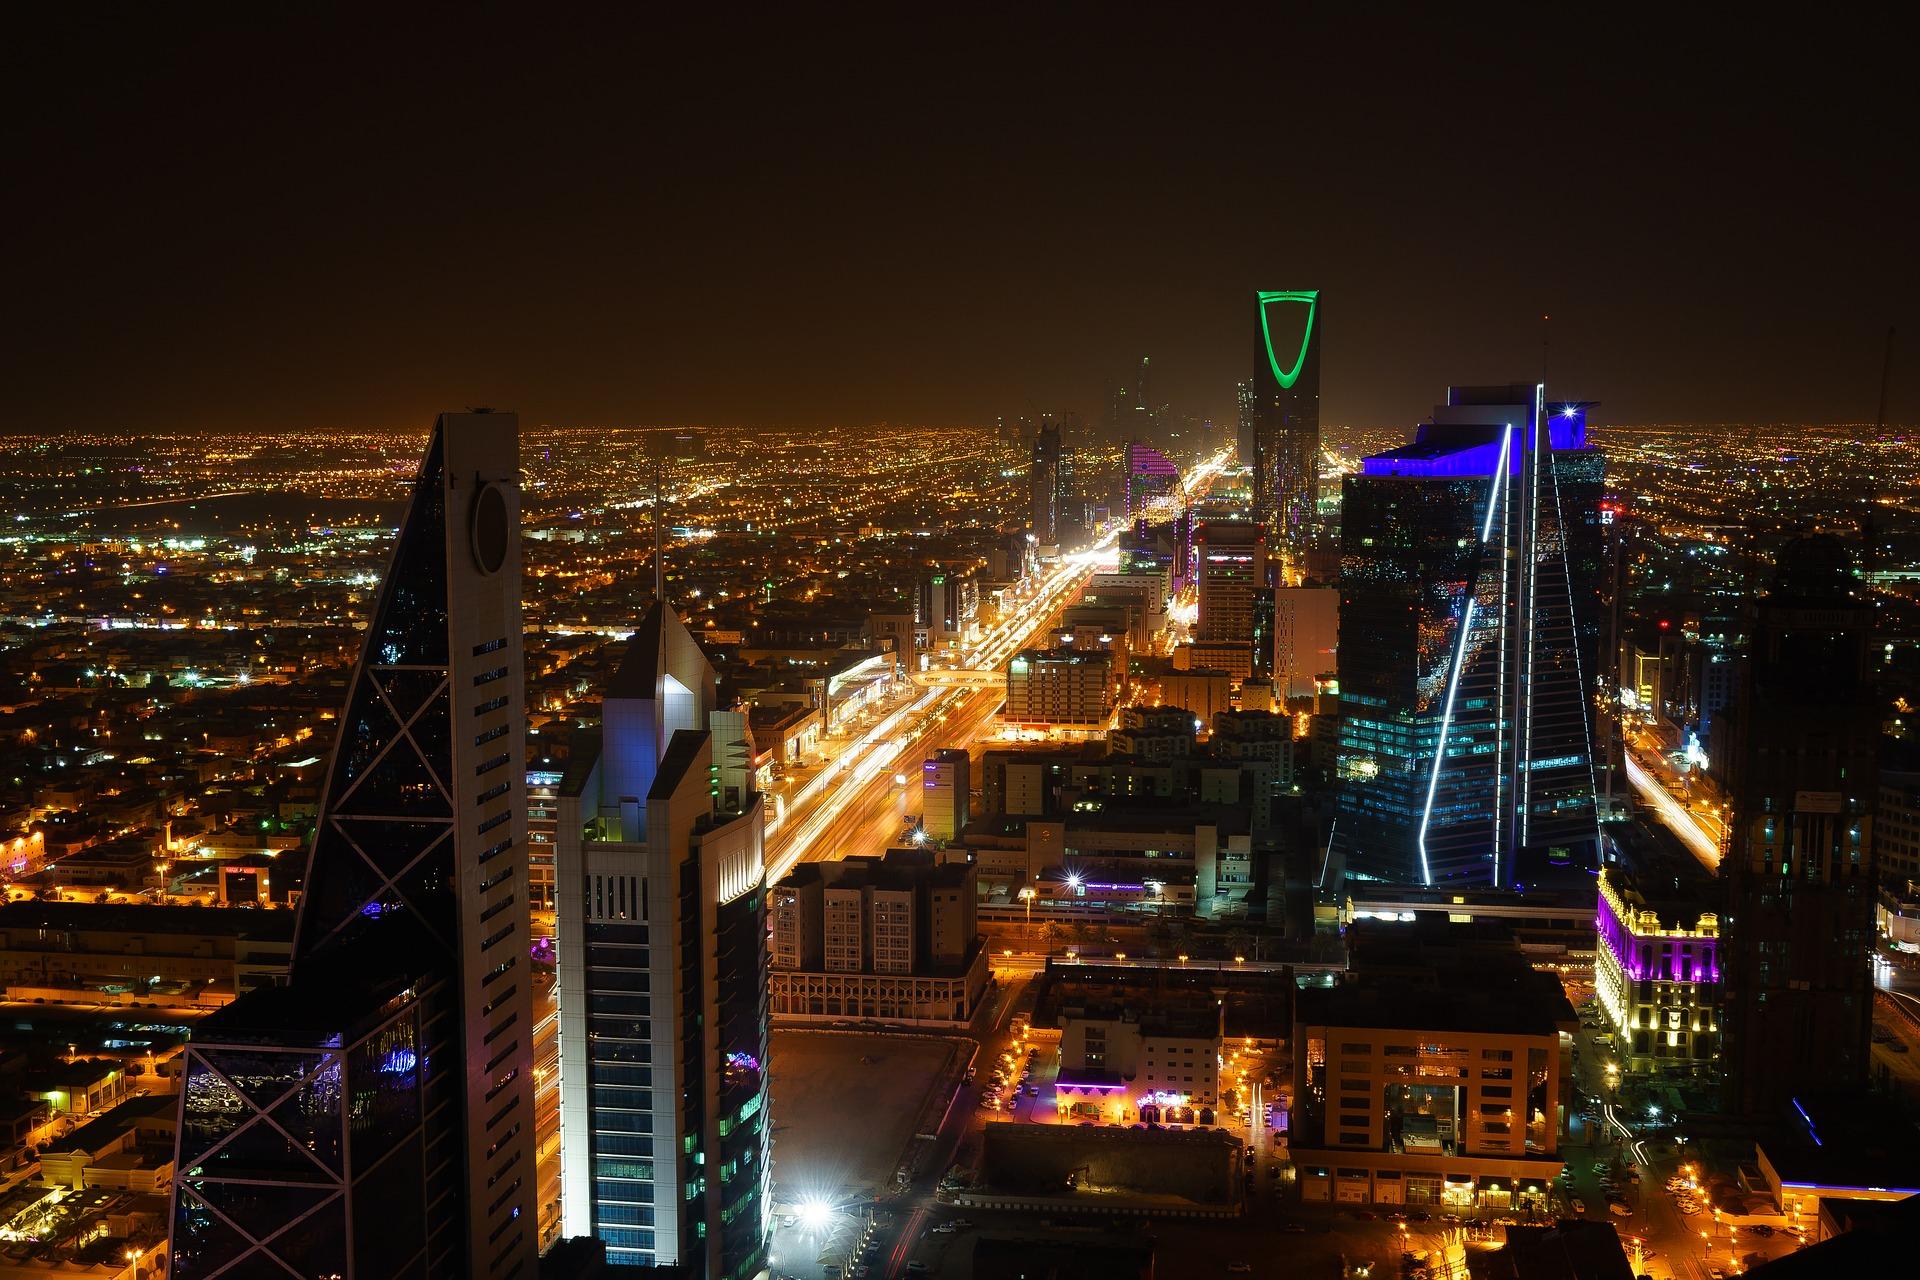 القاهرة تبحث سبل التعاون اقتصادياً مع الرياض